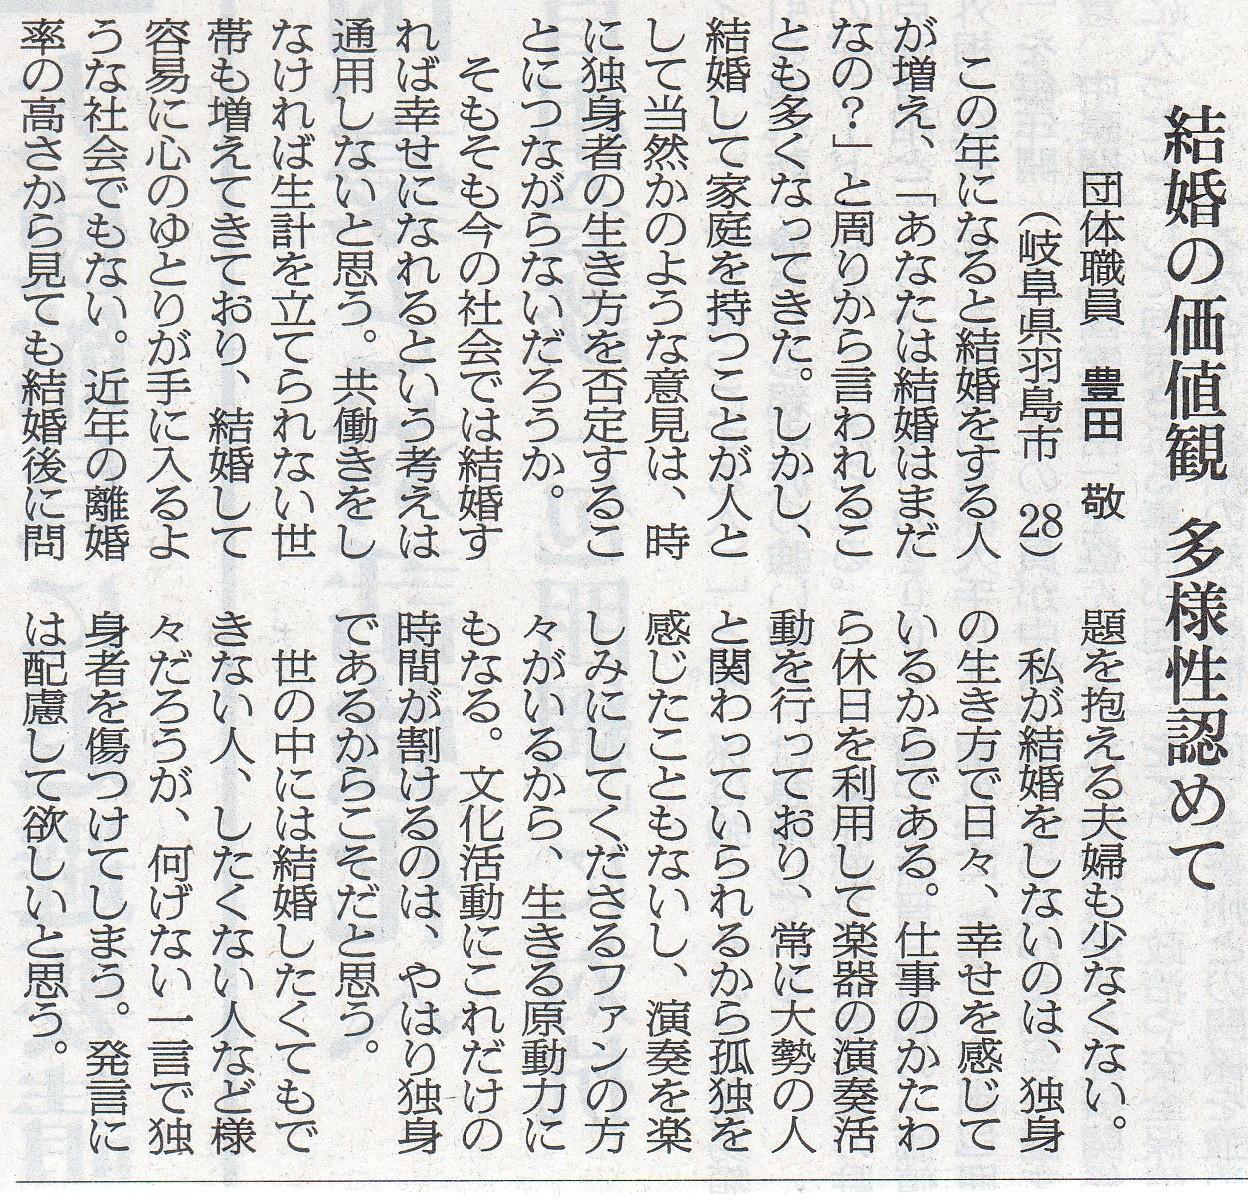 2013年4月10日:朝日新聞記事:「結婚の価値観 多様性認めて」